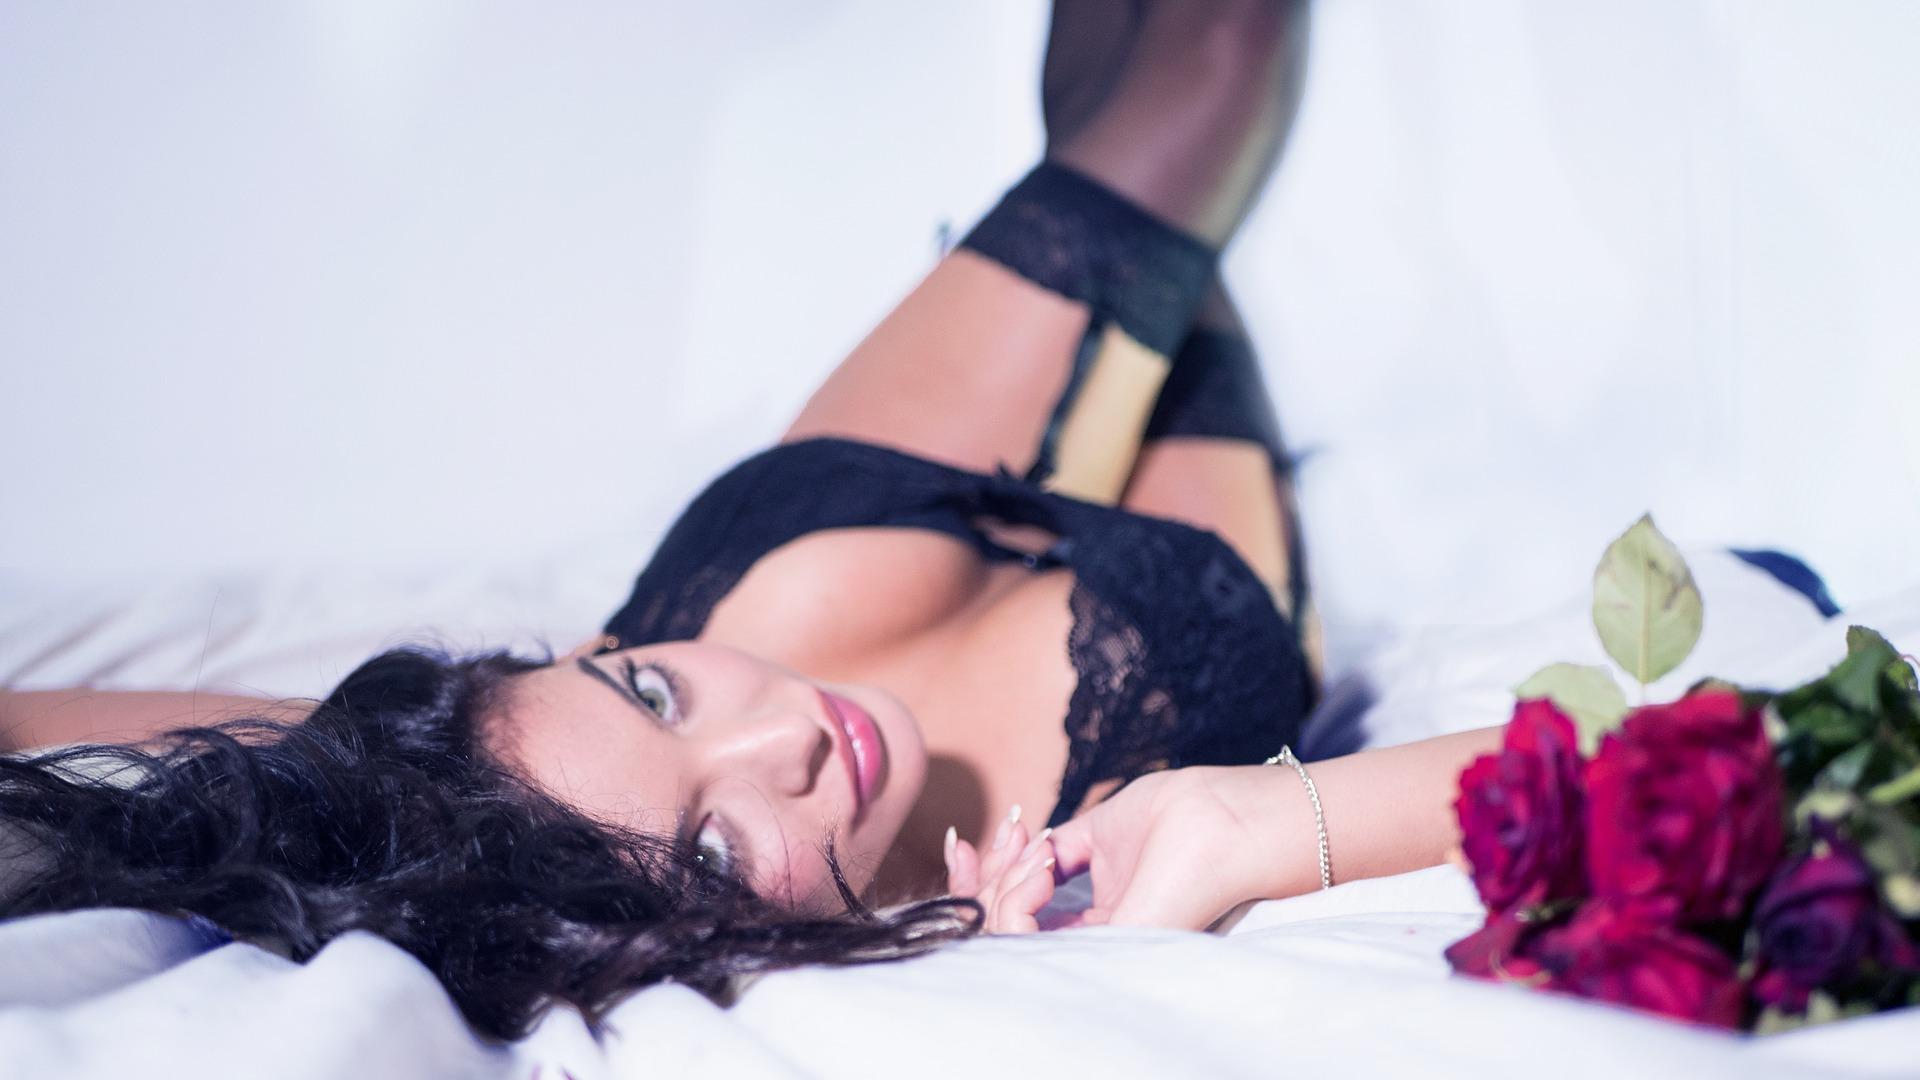 fille-sexy-lit-préférences-jeune-cochonne